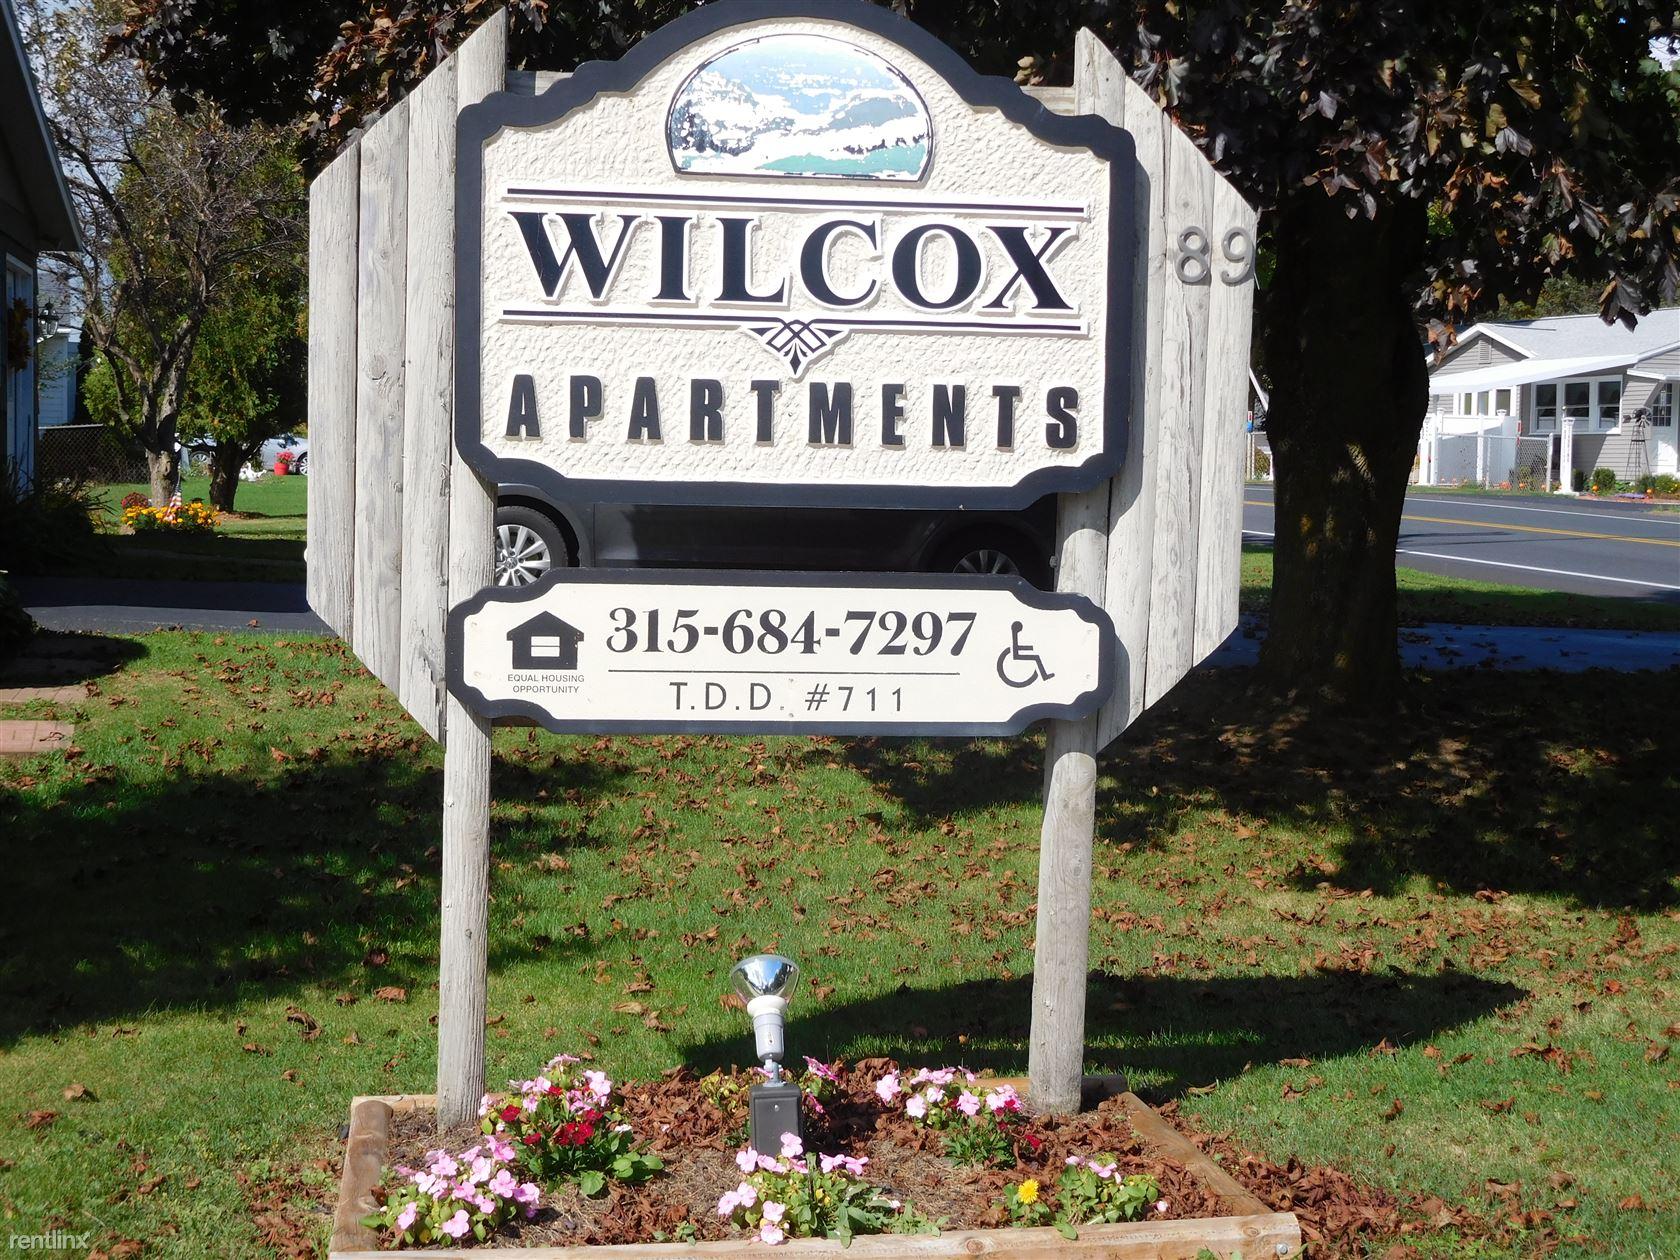 Wilcox Apartments